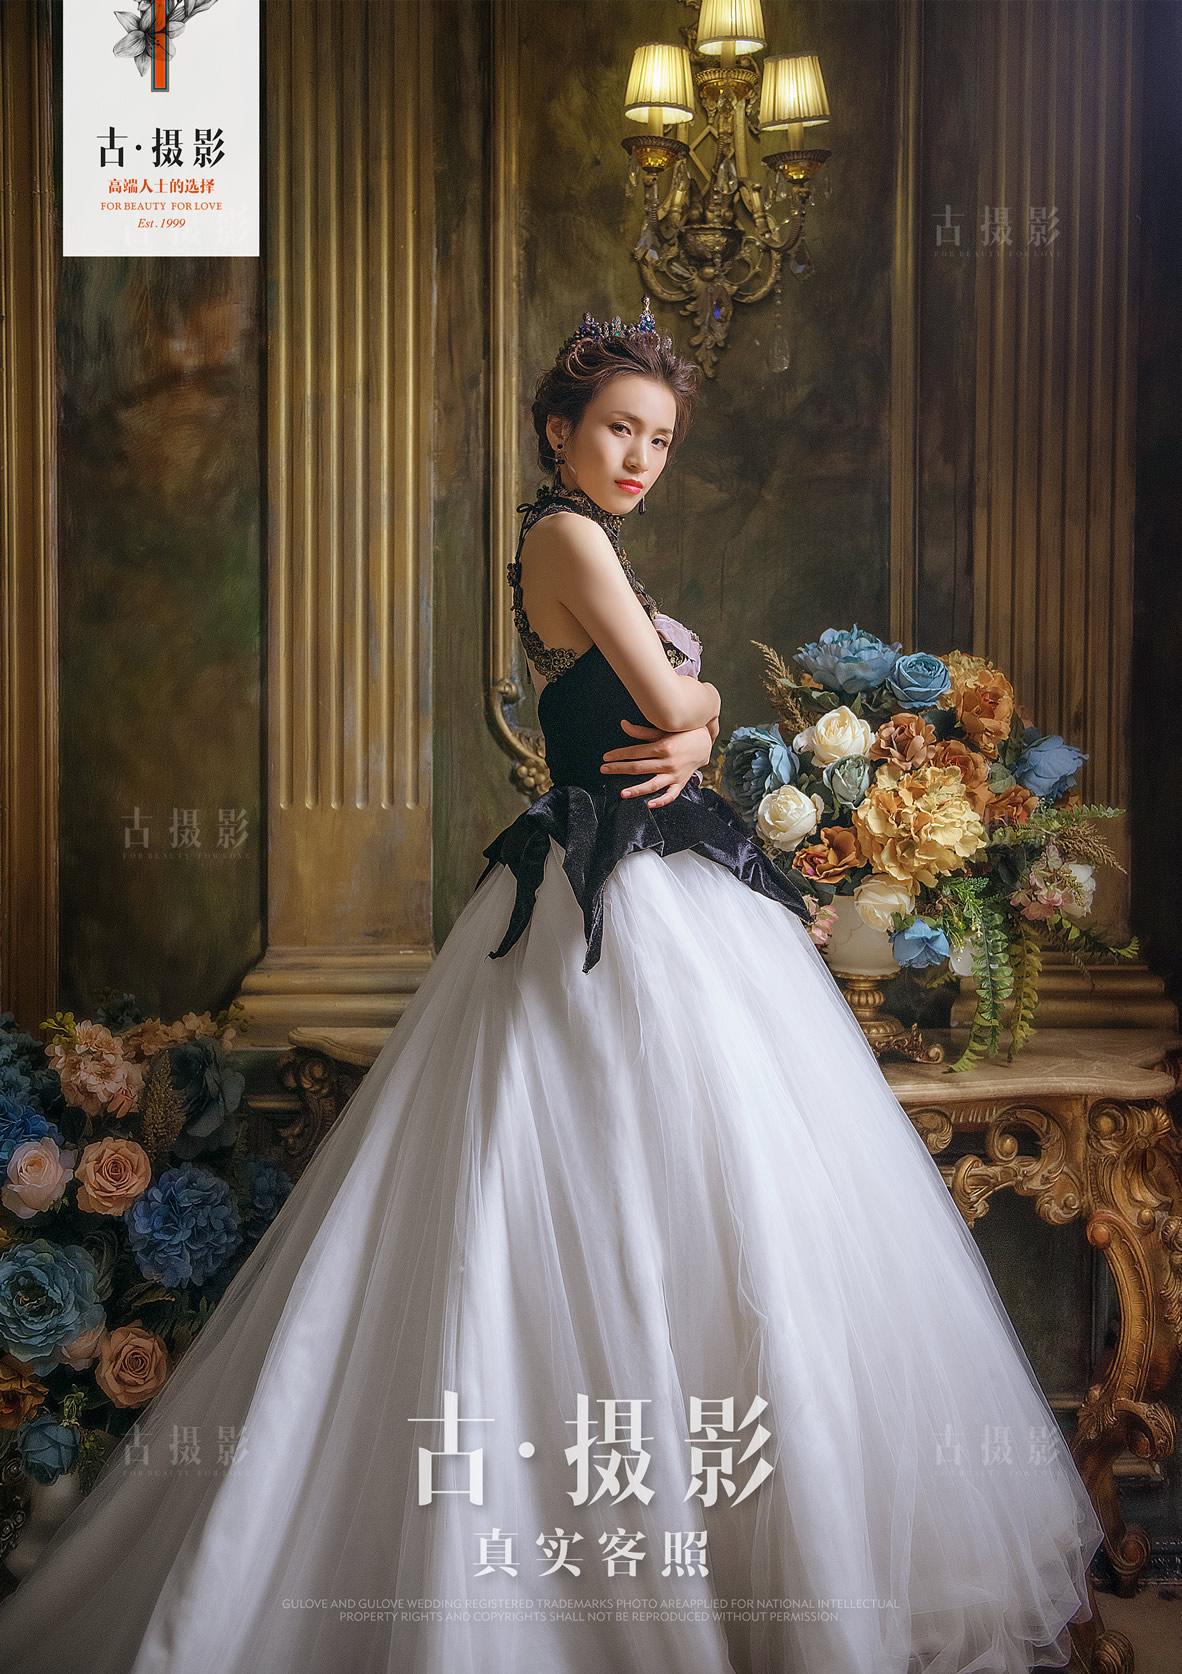 4月20日客片王先生 游小姐 - 每日客照 - 广州婚纱摄影-广州古摄影官网